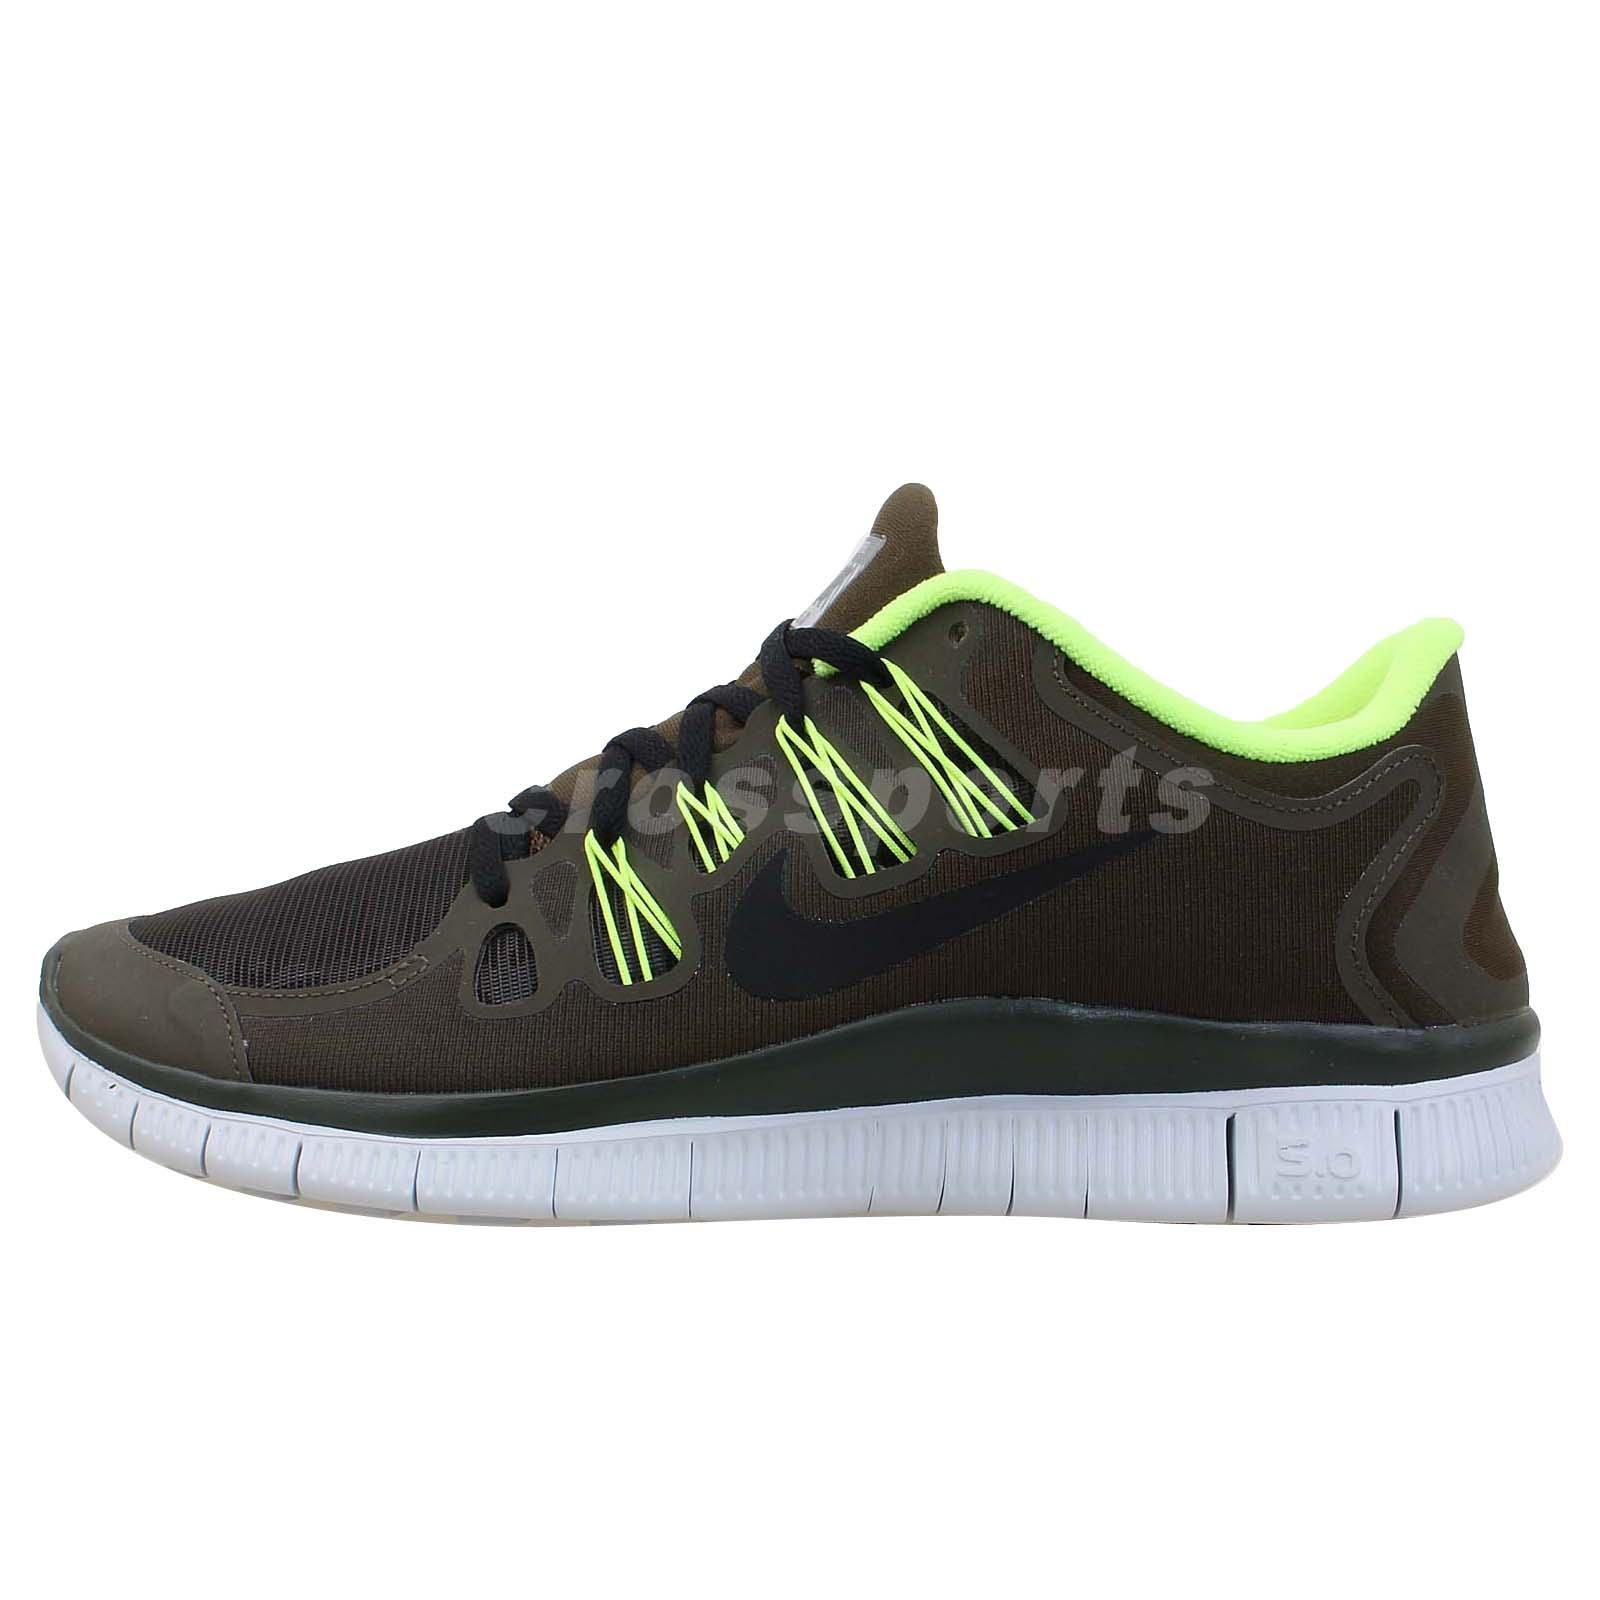 Nike Free 5.0 H20 Repel